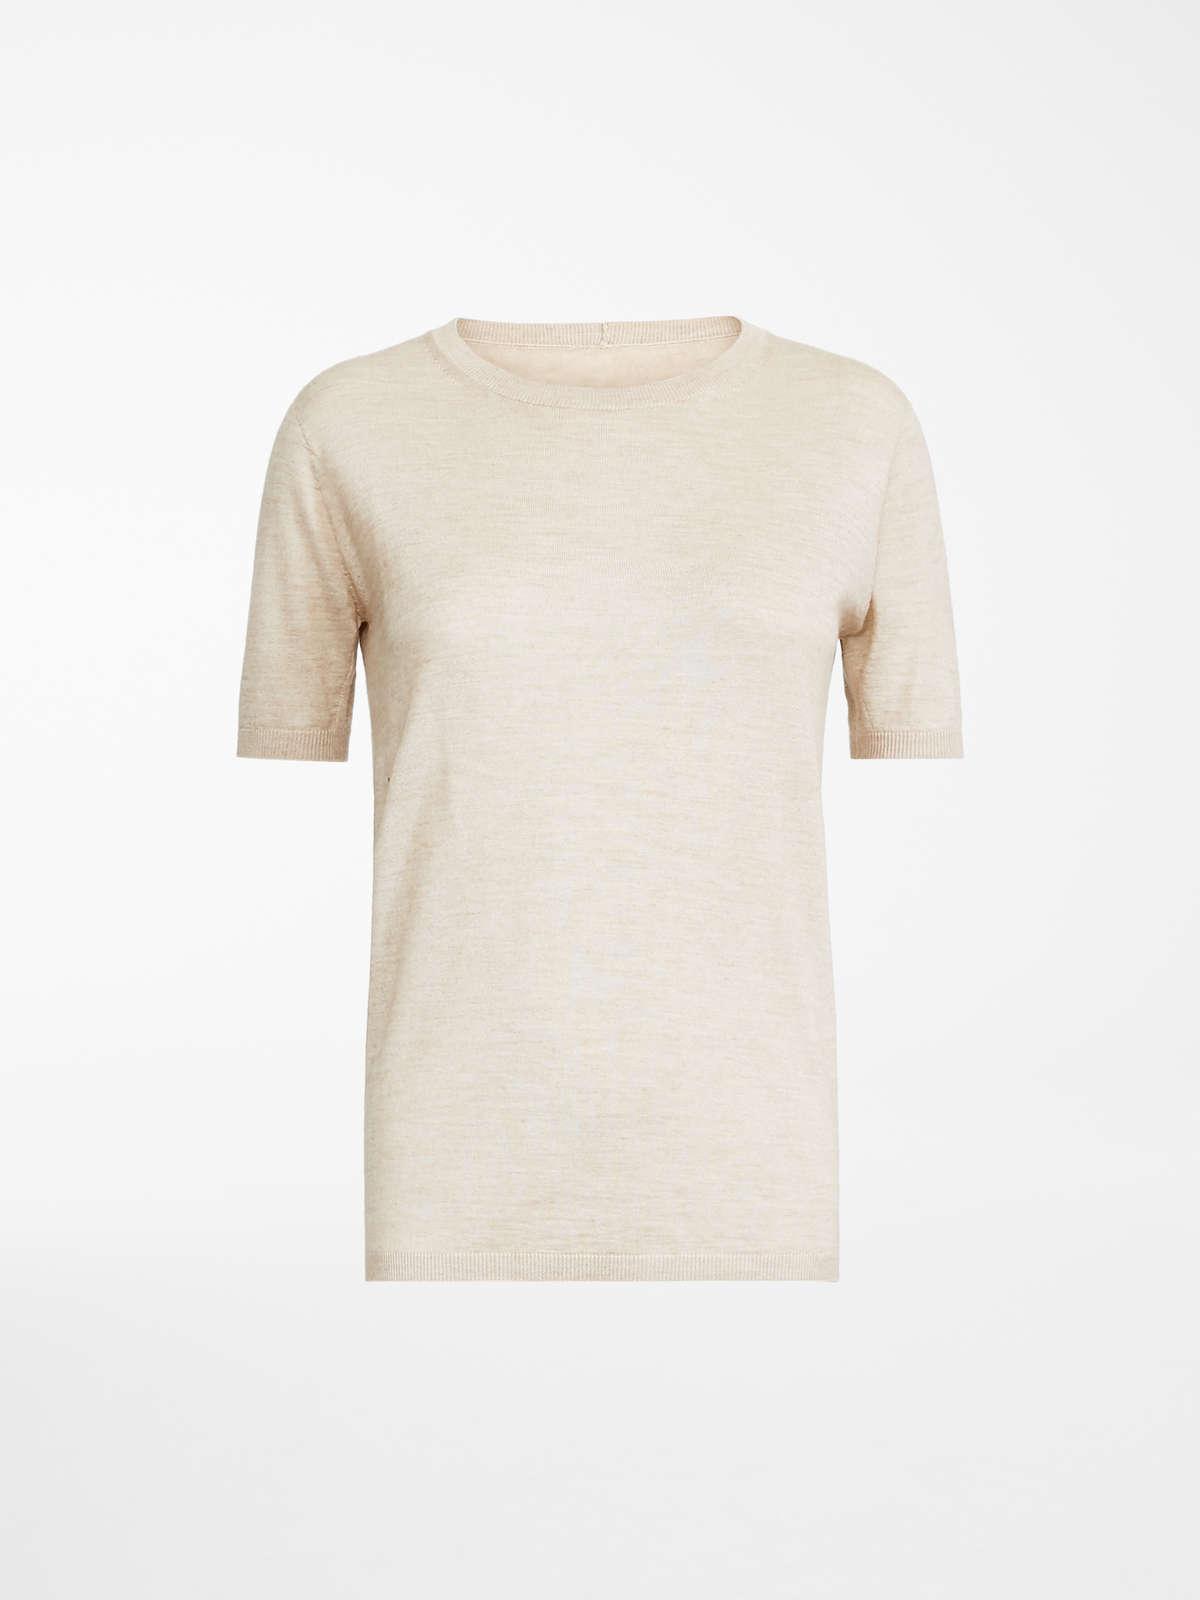 Max Mara - Camiseta en pelo de camello y seda - 7